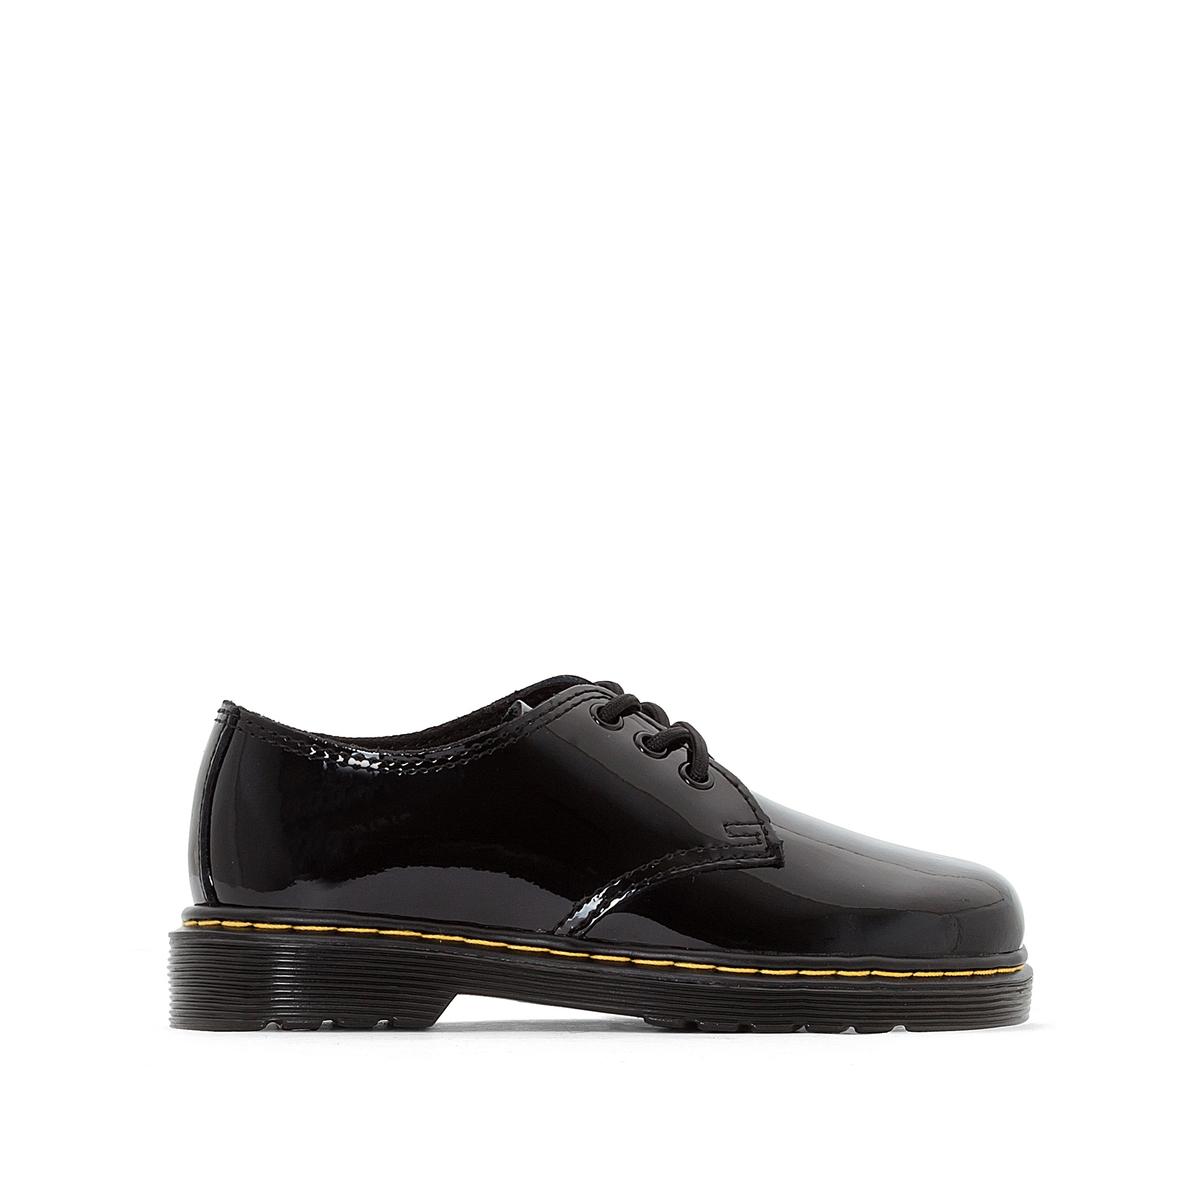 Sapatos derbies em pele envernizada, Everley